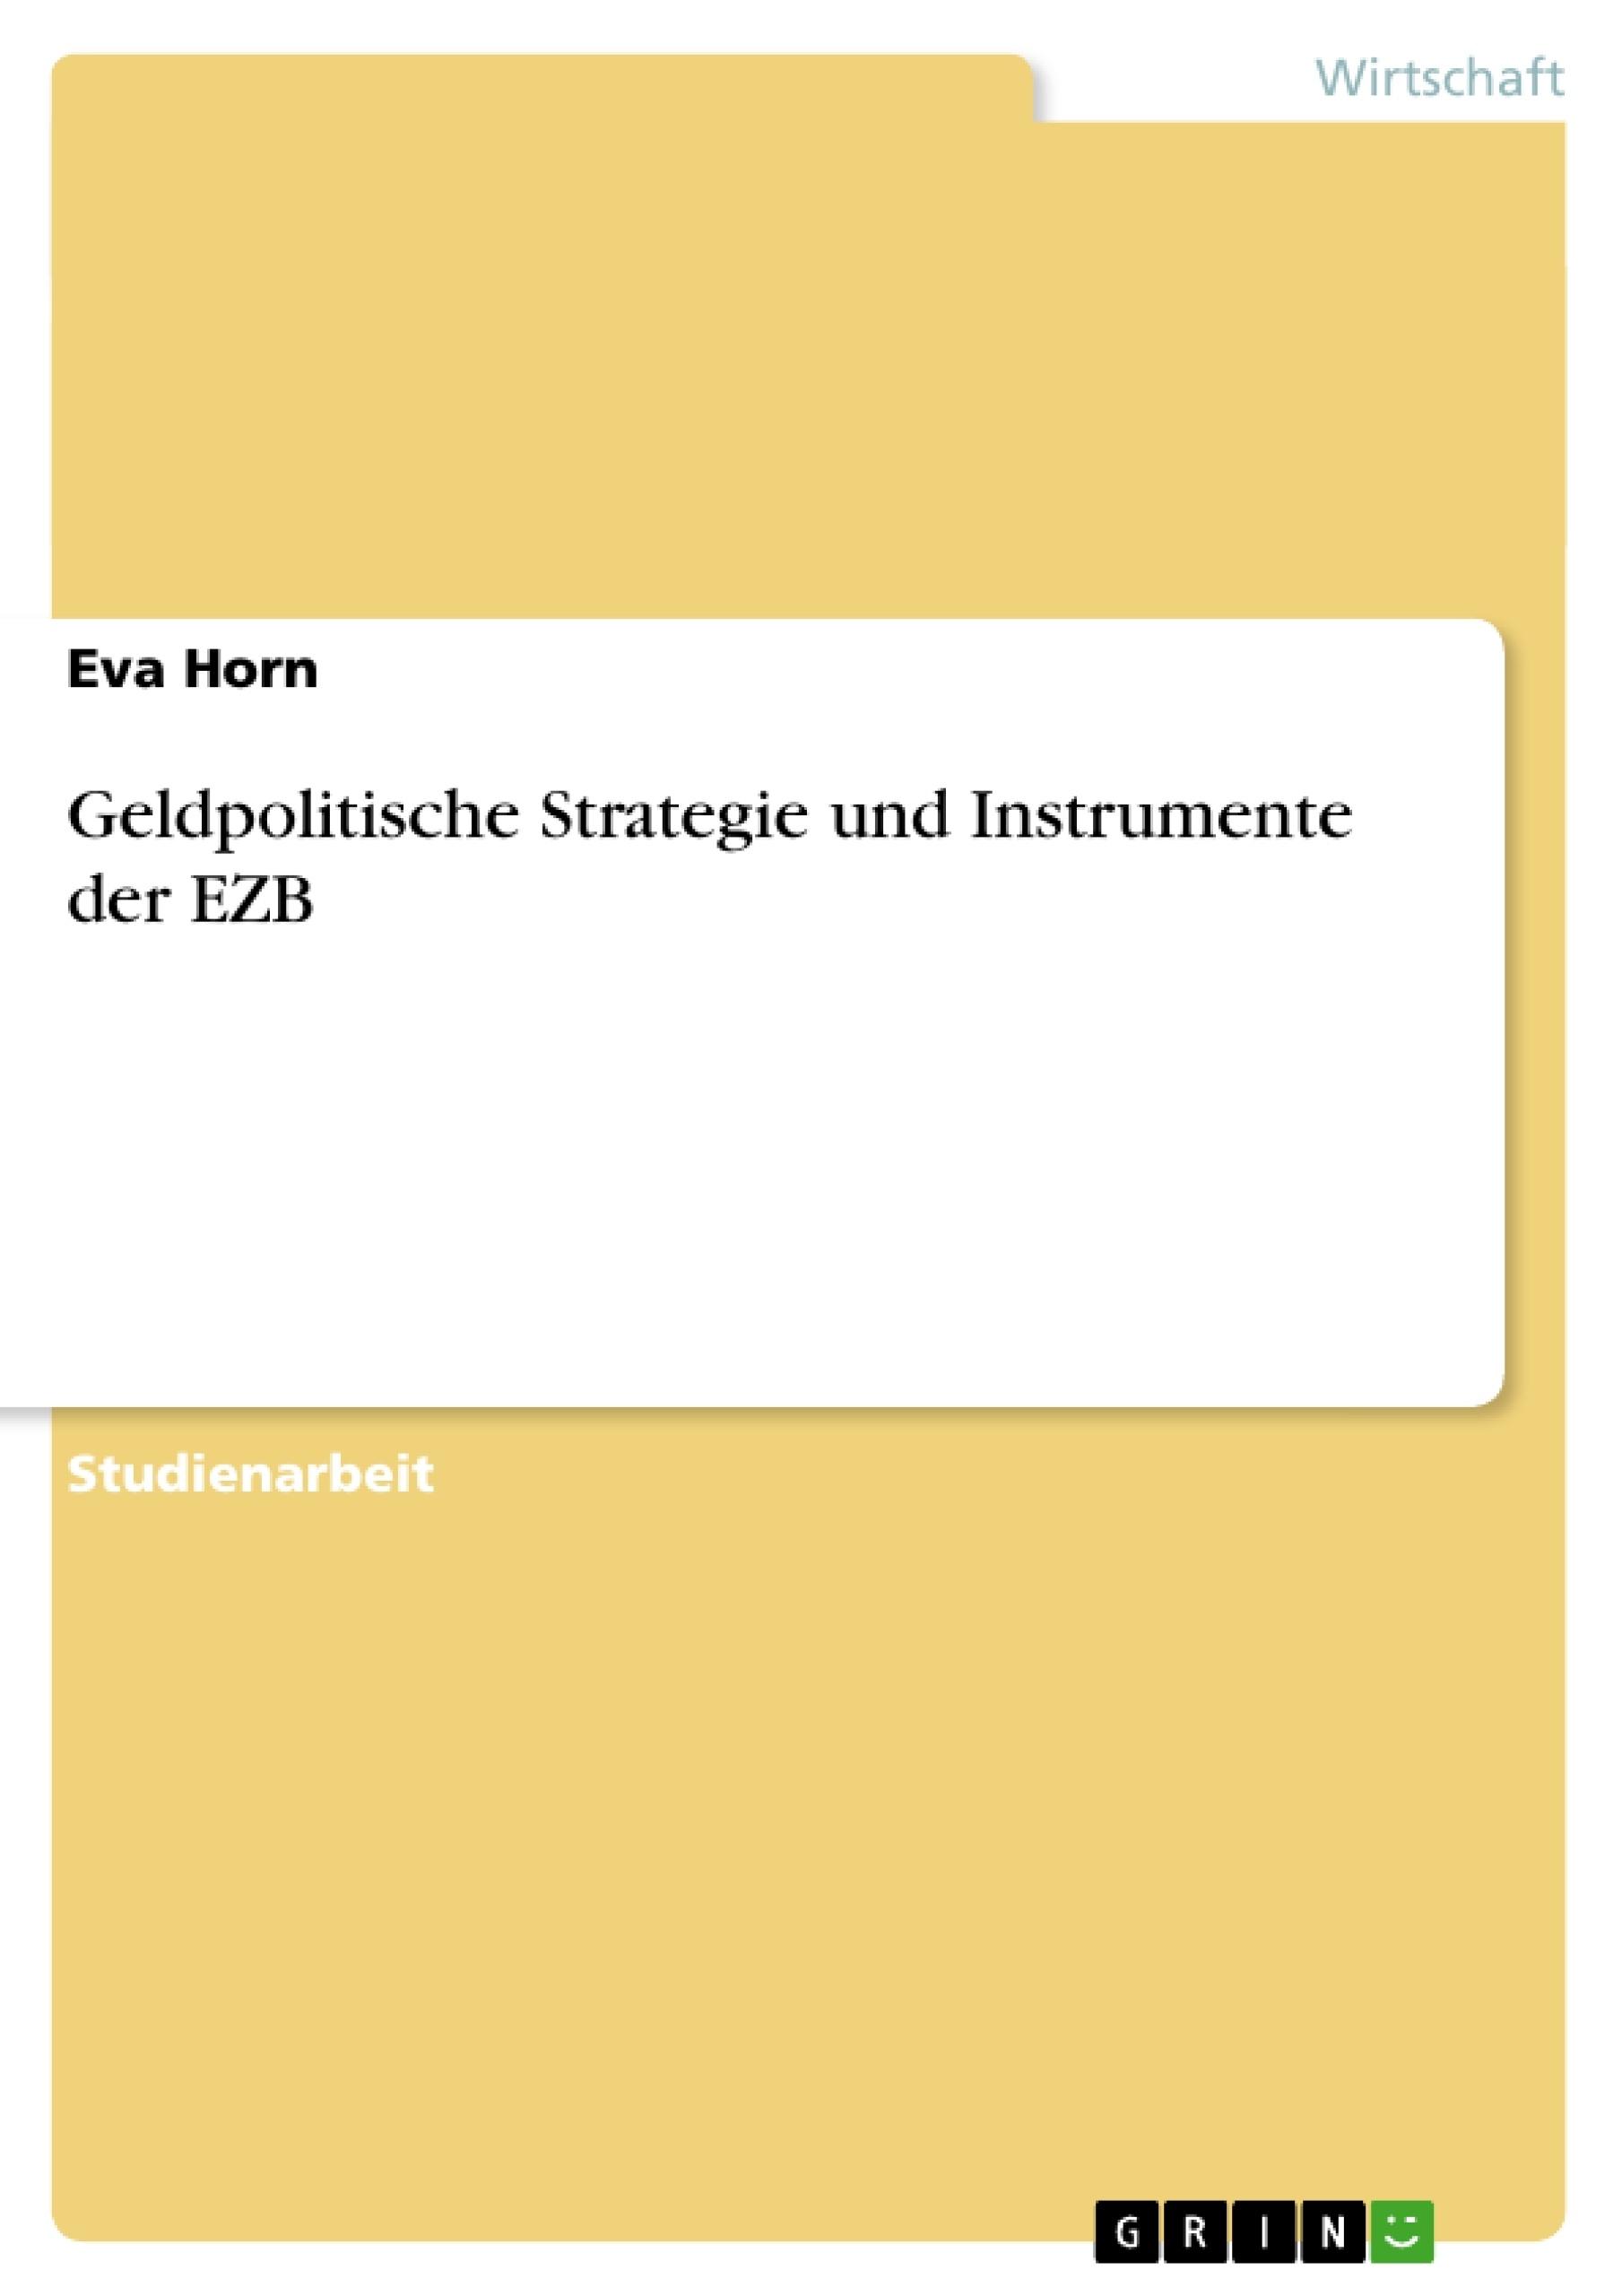 Titel: Geldpolitische Strategie und Instrumente der EZB